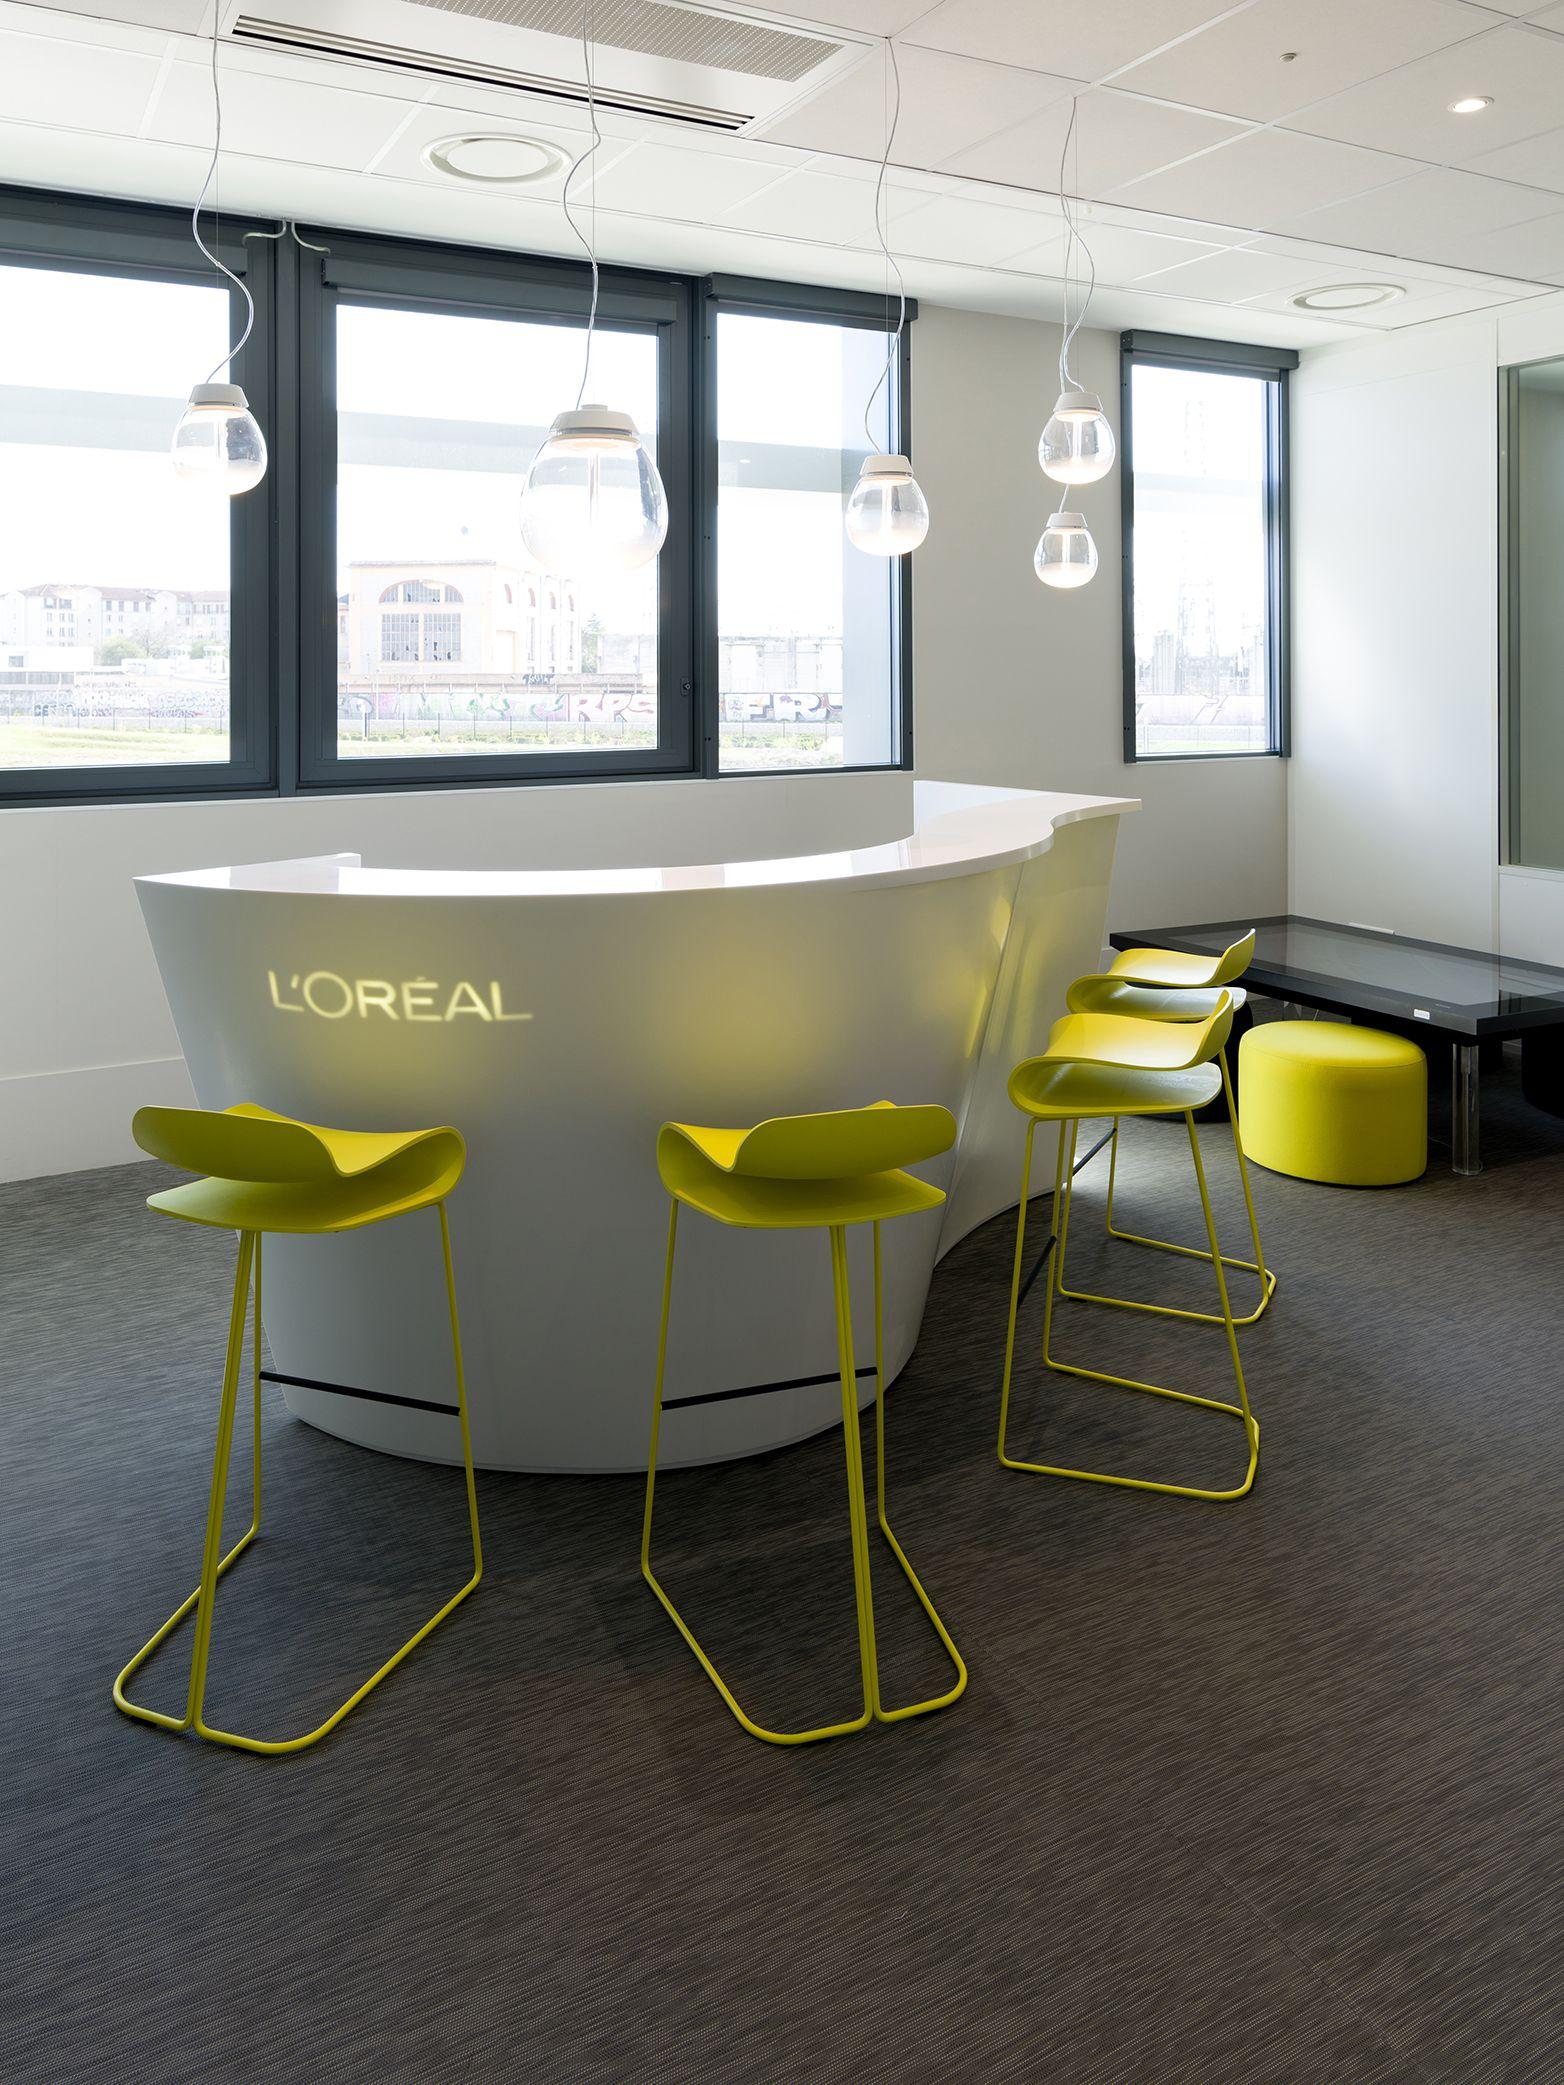 Amenagement De Bar Professionnel aménagement #décoration #déco #ampoule #lumière #moquette